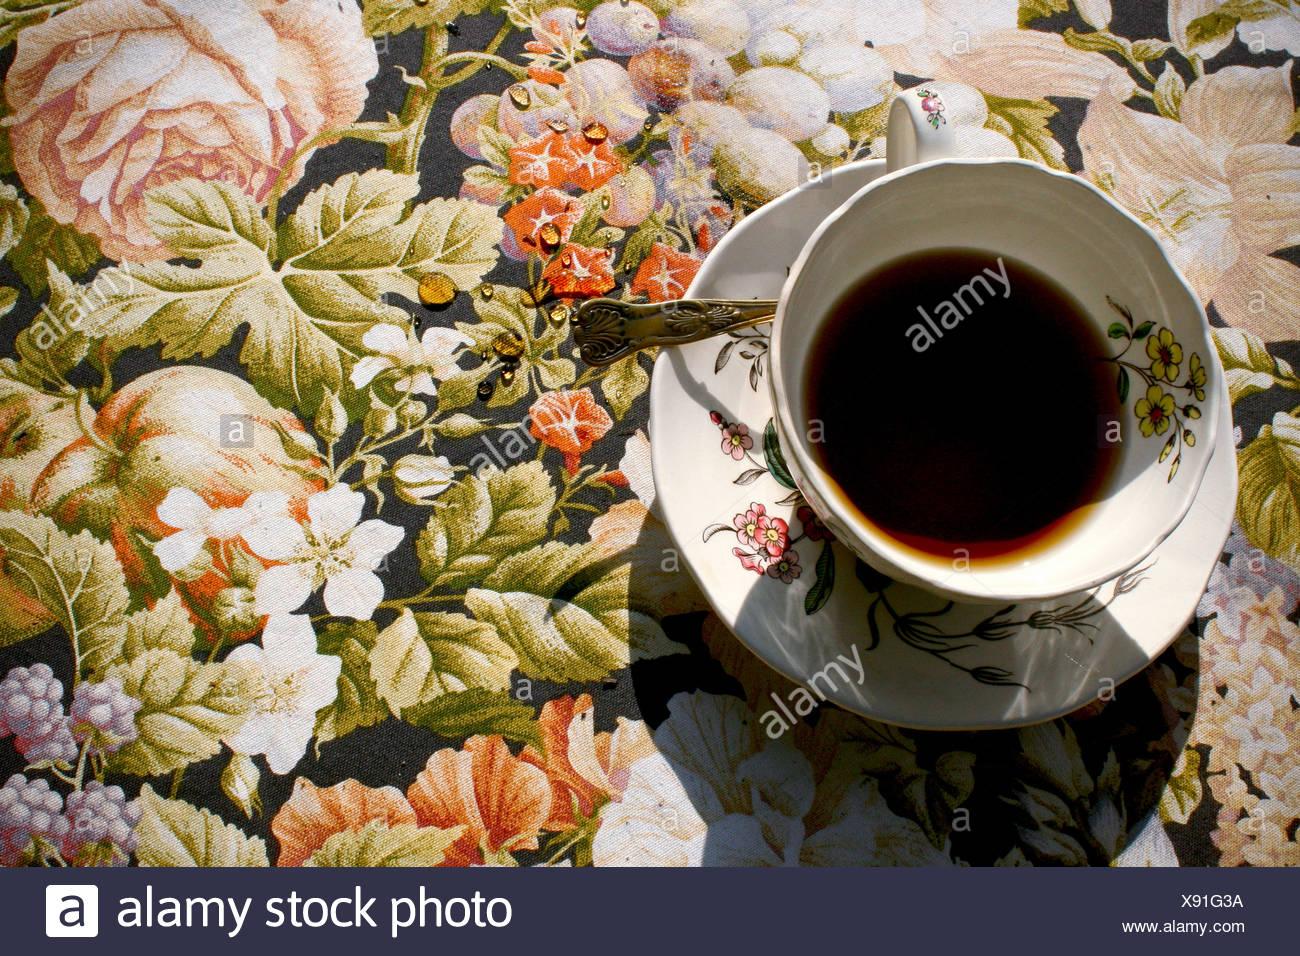 Teetasse und Untertasse auf floral Tischdecke Stockbild